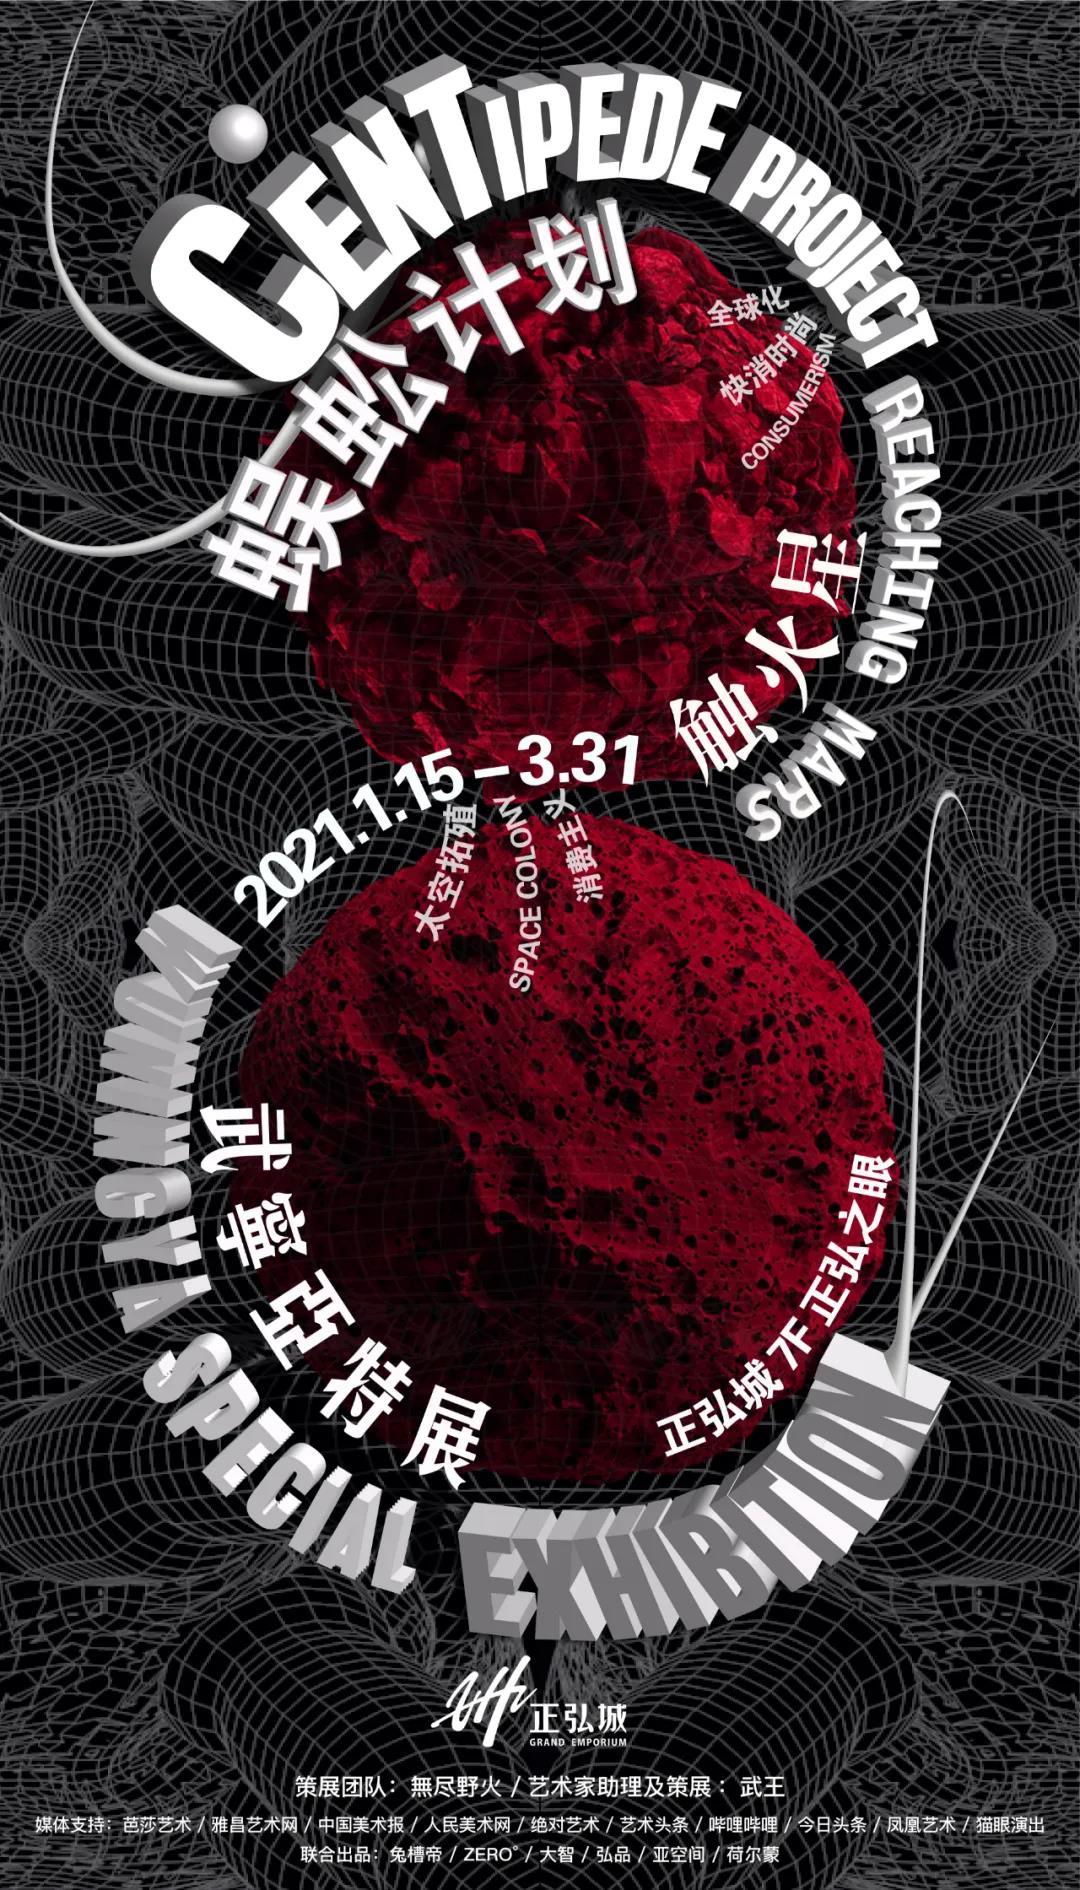 武宁亚郑州《蜈蚣计划触火星》艺术展览